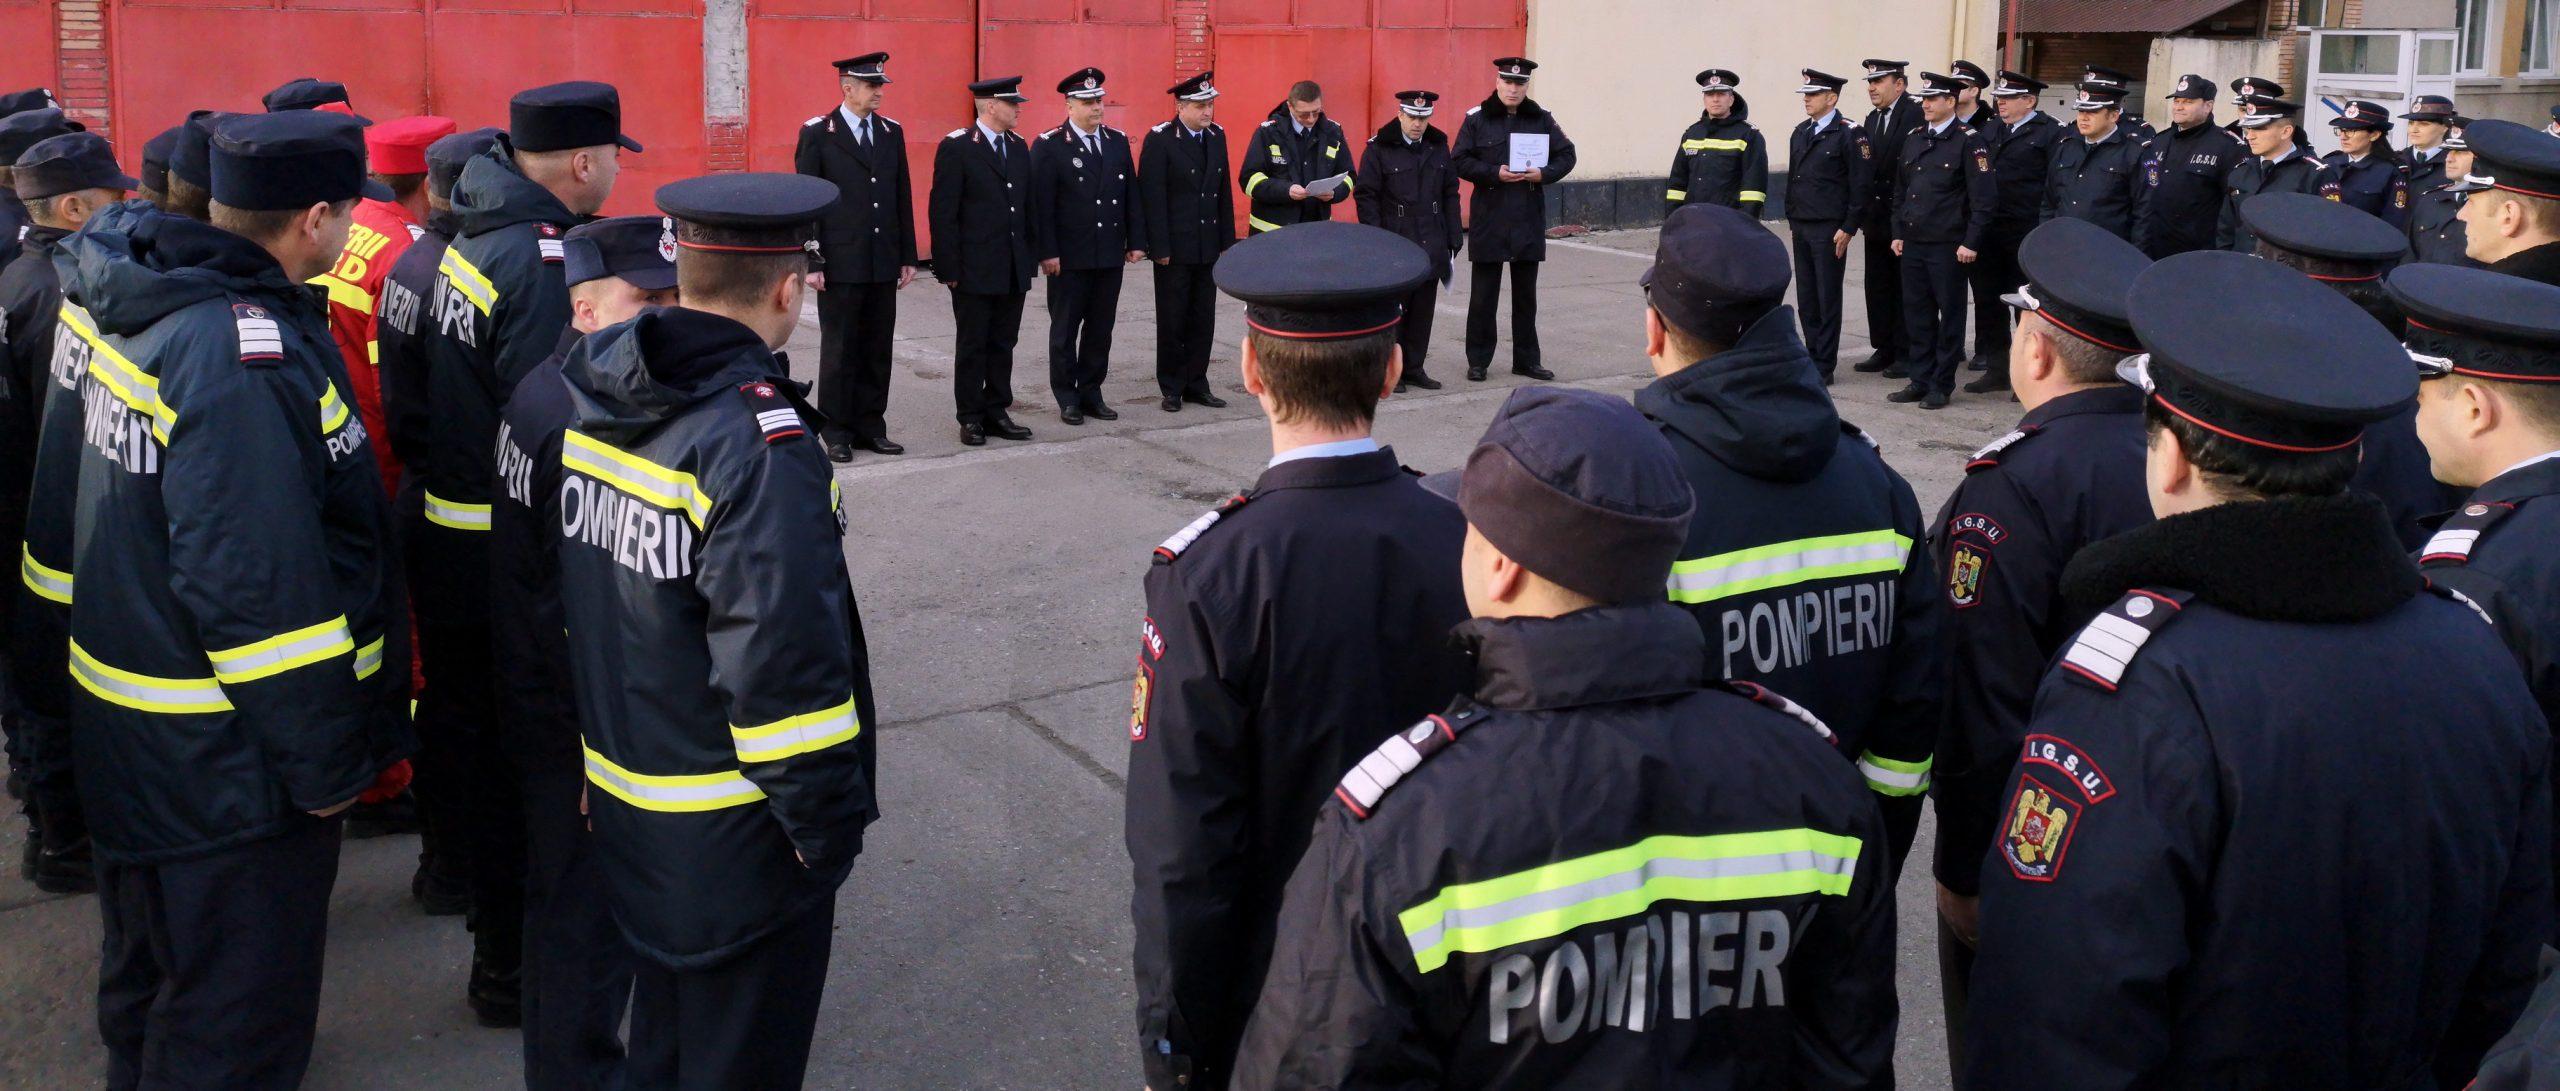 Patru  pompieri  la final  de carieră au primit placheta și diploma de apreciere pentru întreaga activitate profesională